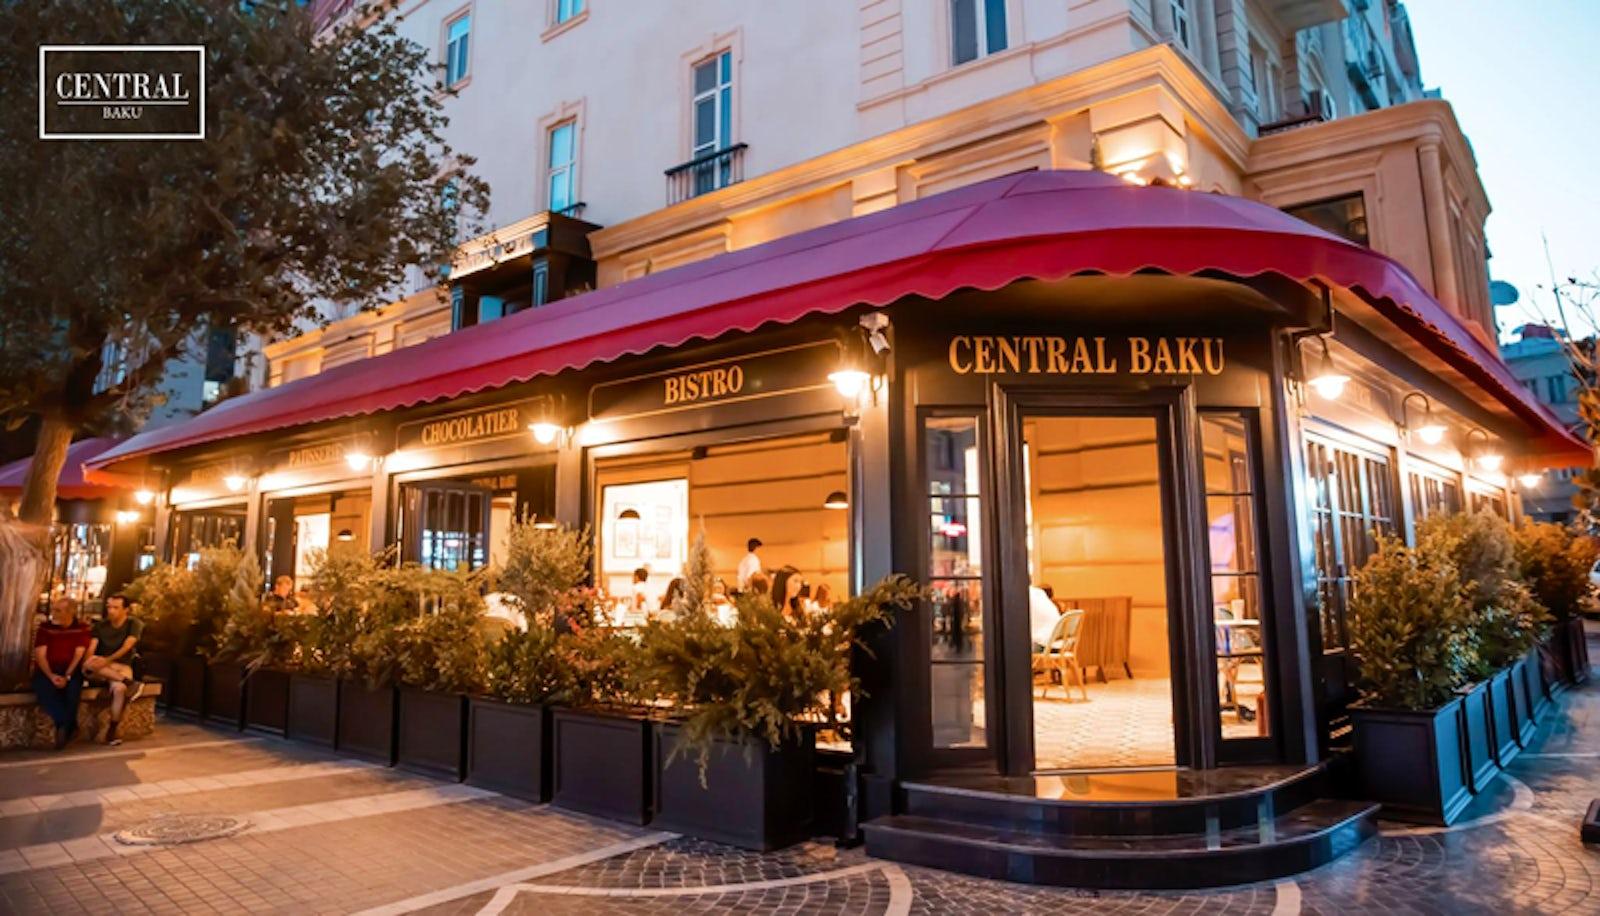 Cafe Central Baku | itinari